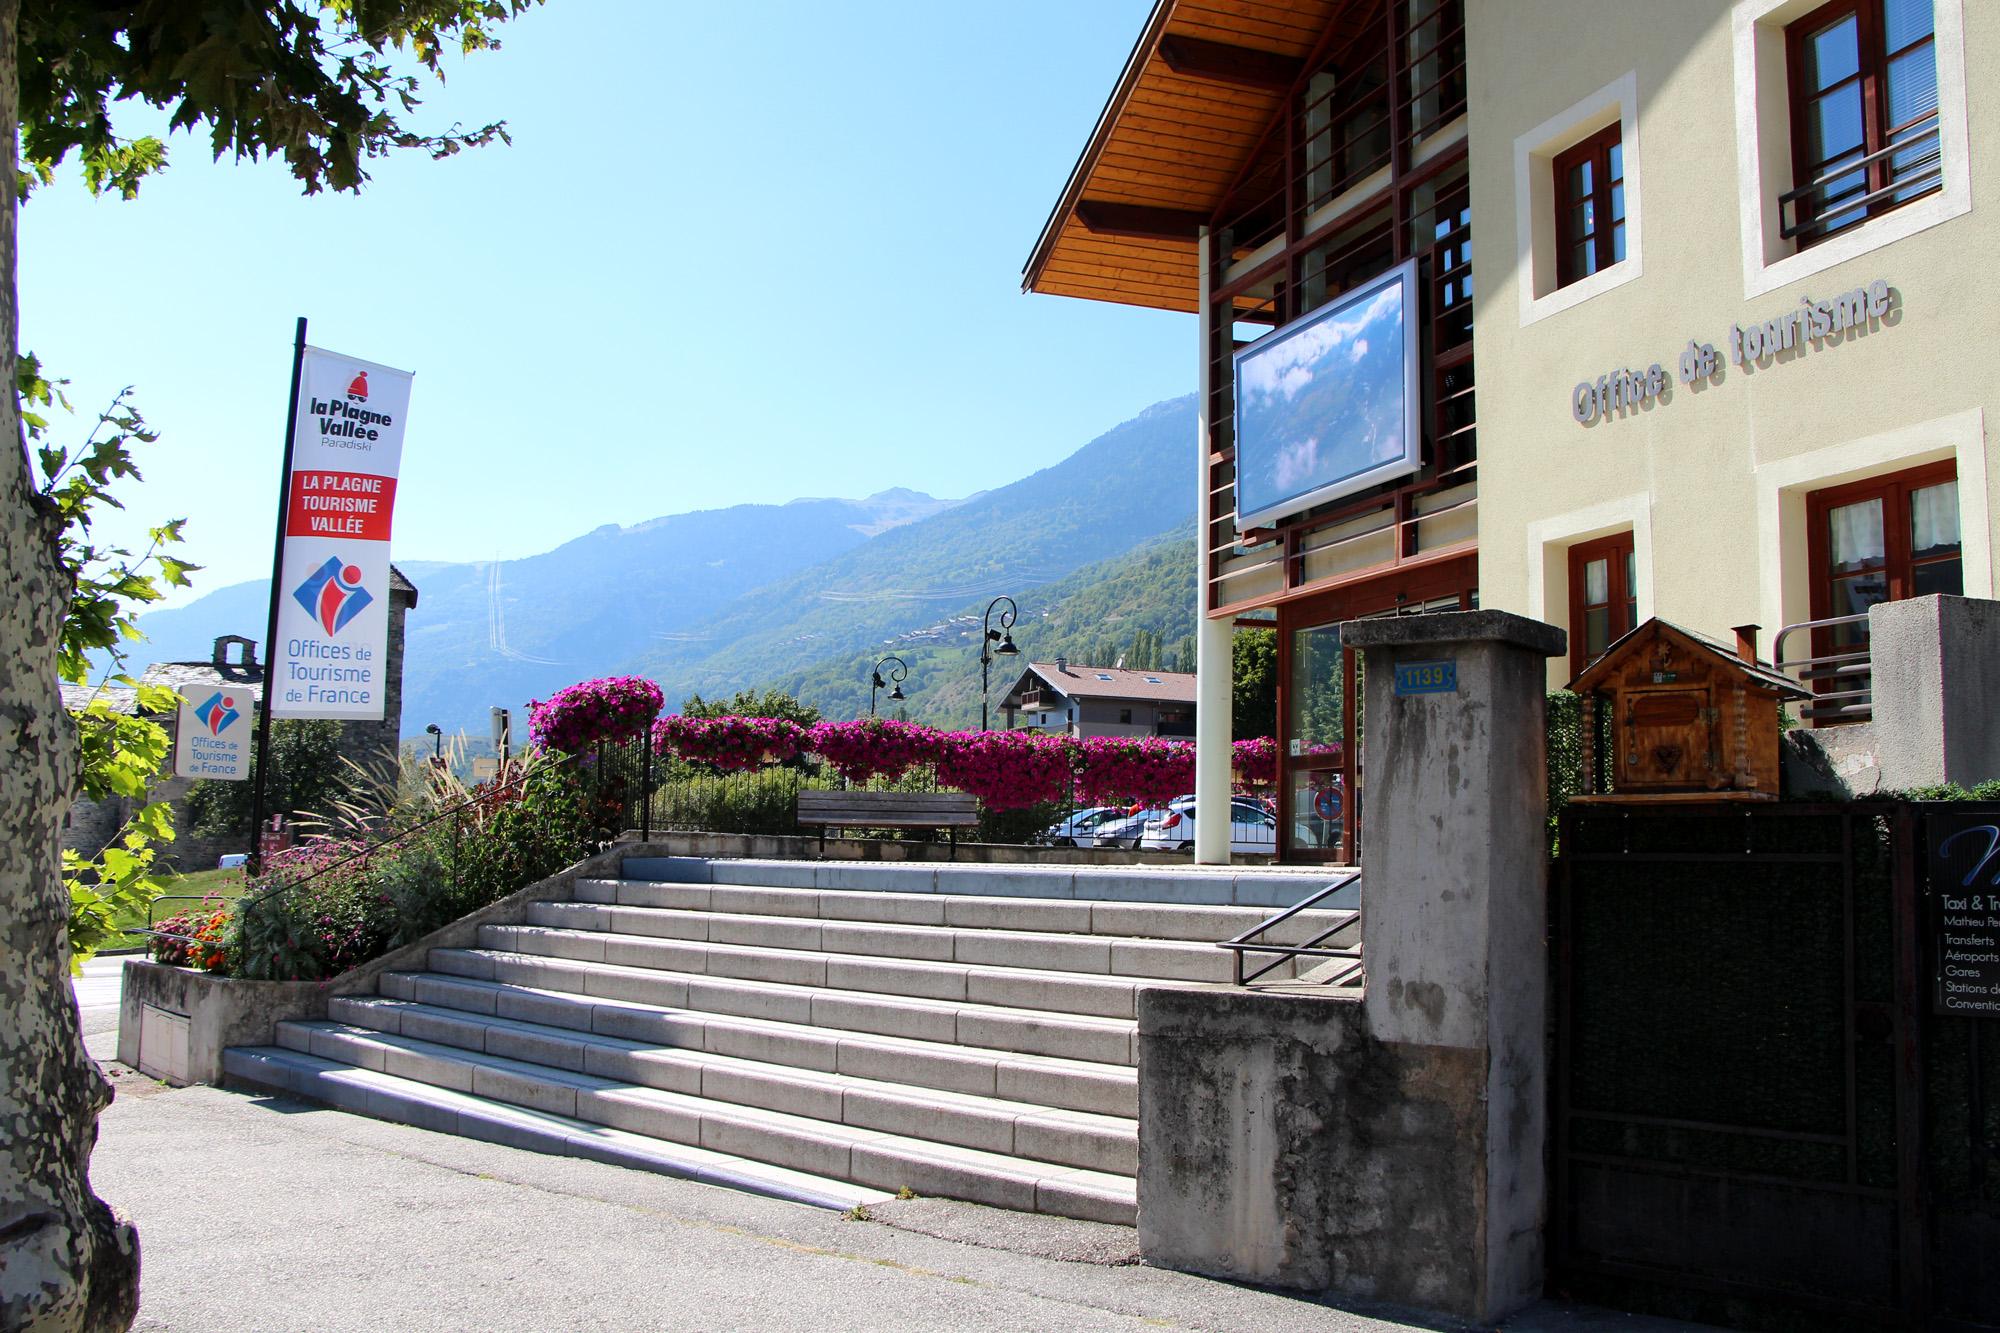 La plagne tourisme vall e savoie mont blanc savoie et haute savoie alpes - Office du tourisme de gap ...